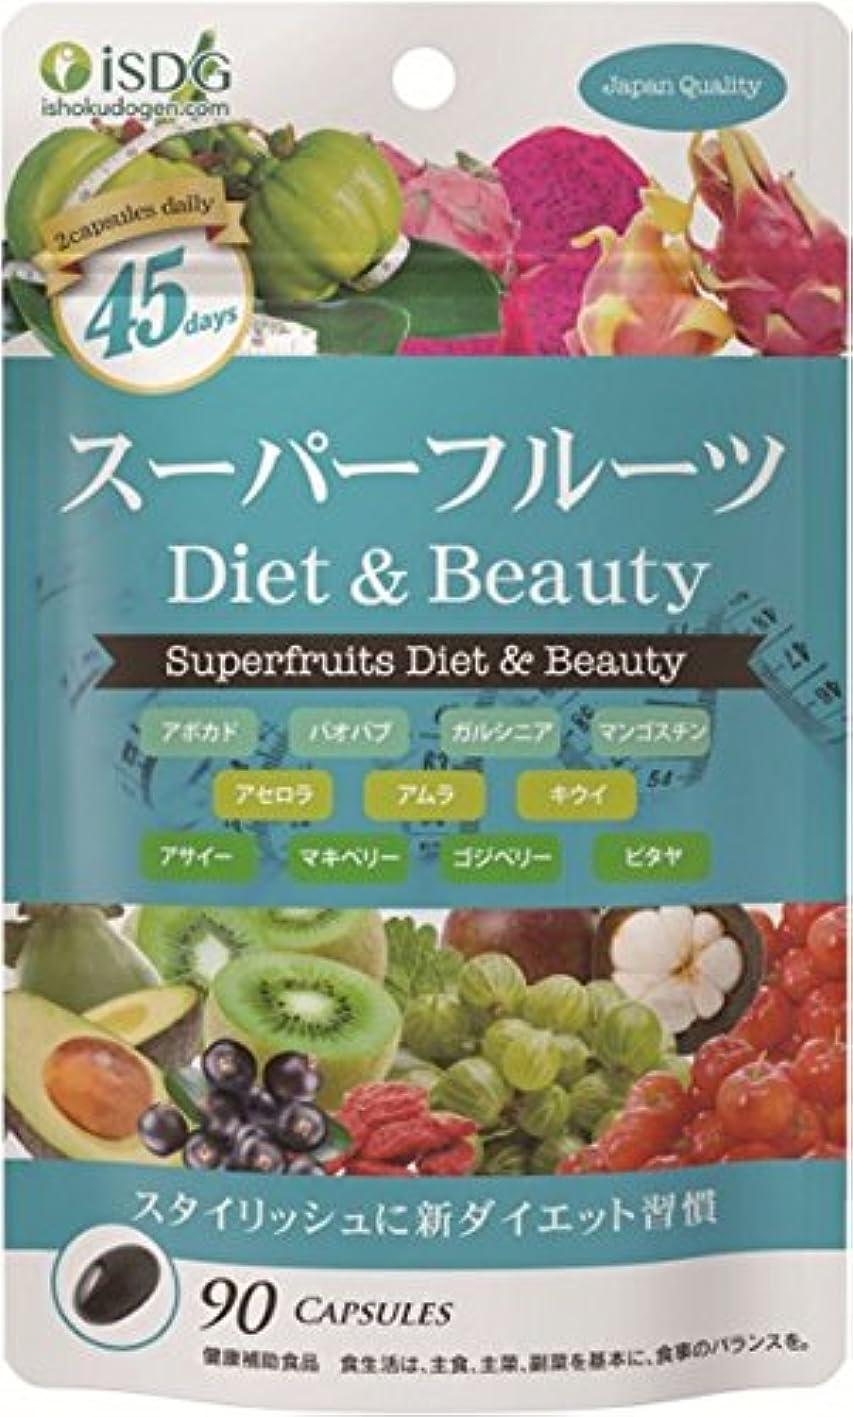 故障アッティカス習慣医食同源ドットコム スーパーフルーツ Diet & Beauty 470mg×90粒